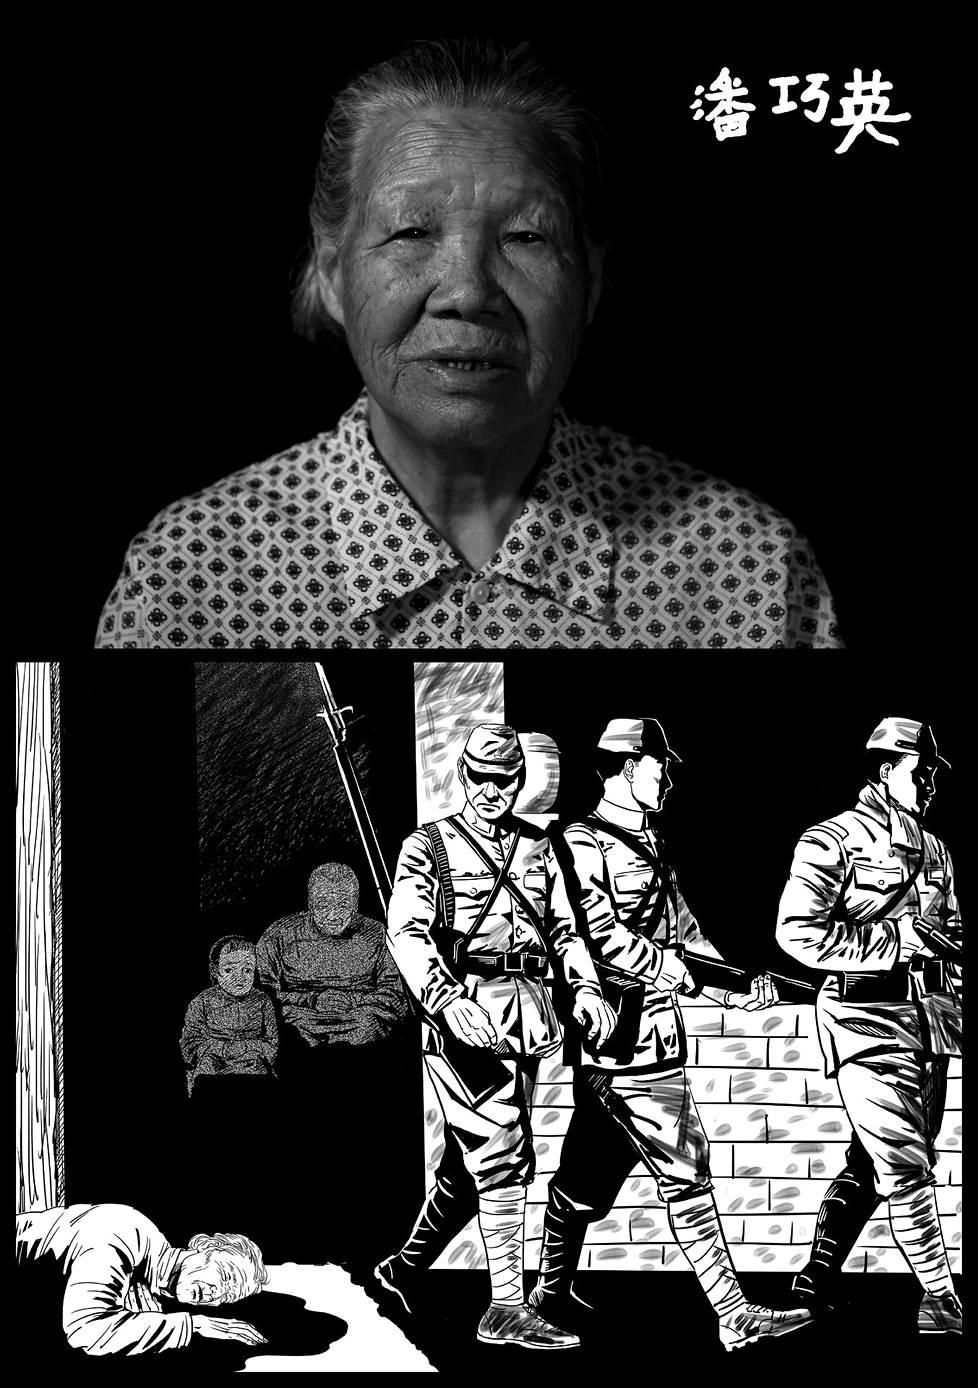 6-vuotias Pan Qiaoying näki, kuinka hänen isoisänsä Pan Zhaosheng, vanha nainen sekä nainen vastasyntyneen lapsensa kanssa murhattiin. Pan piiloutui keittiöön onnistuen pelastumaan. Myös hänen isänsä Pan Rongfu ja sisarensa kuolivat verilöylyssä.